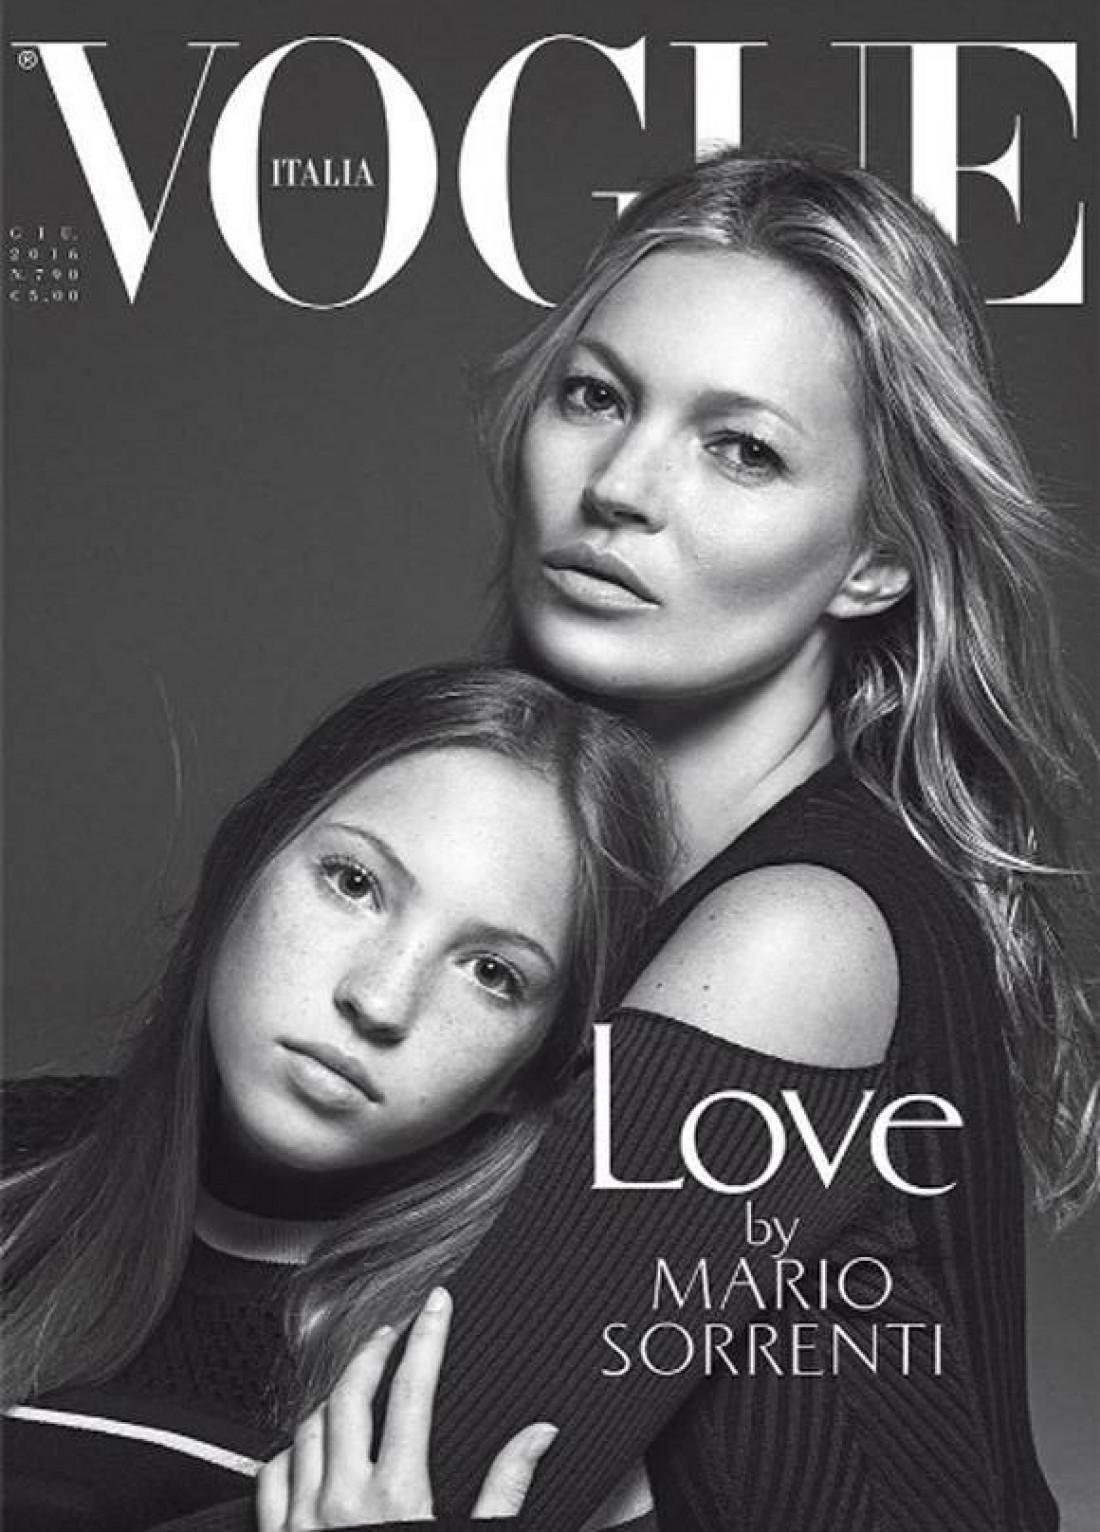 Модель Кейт Мосс с дочерью Лилой Грэйс на обложке итальянского Vogue